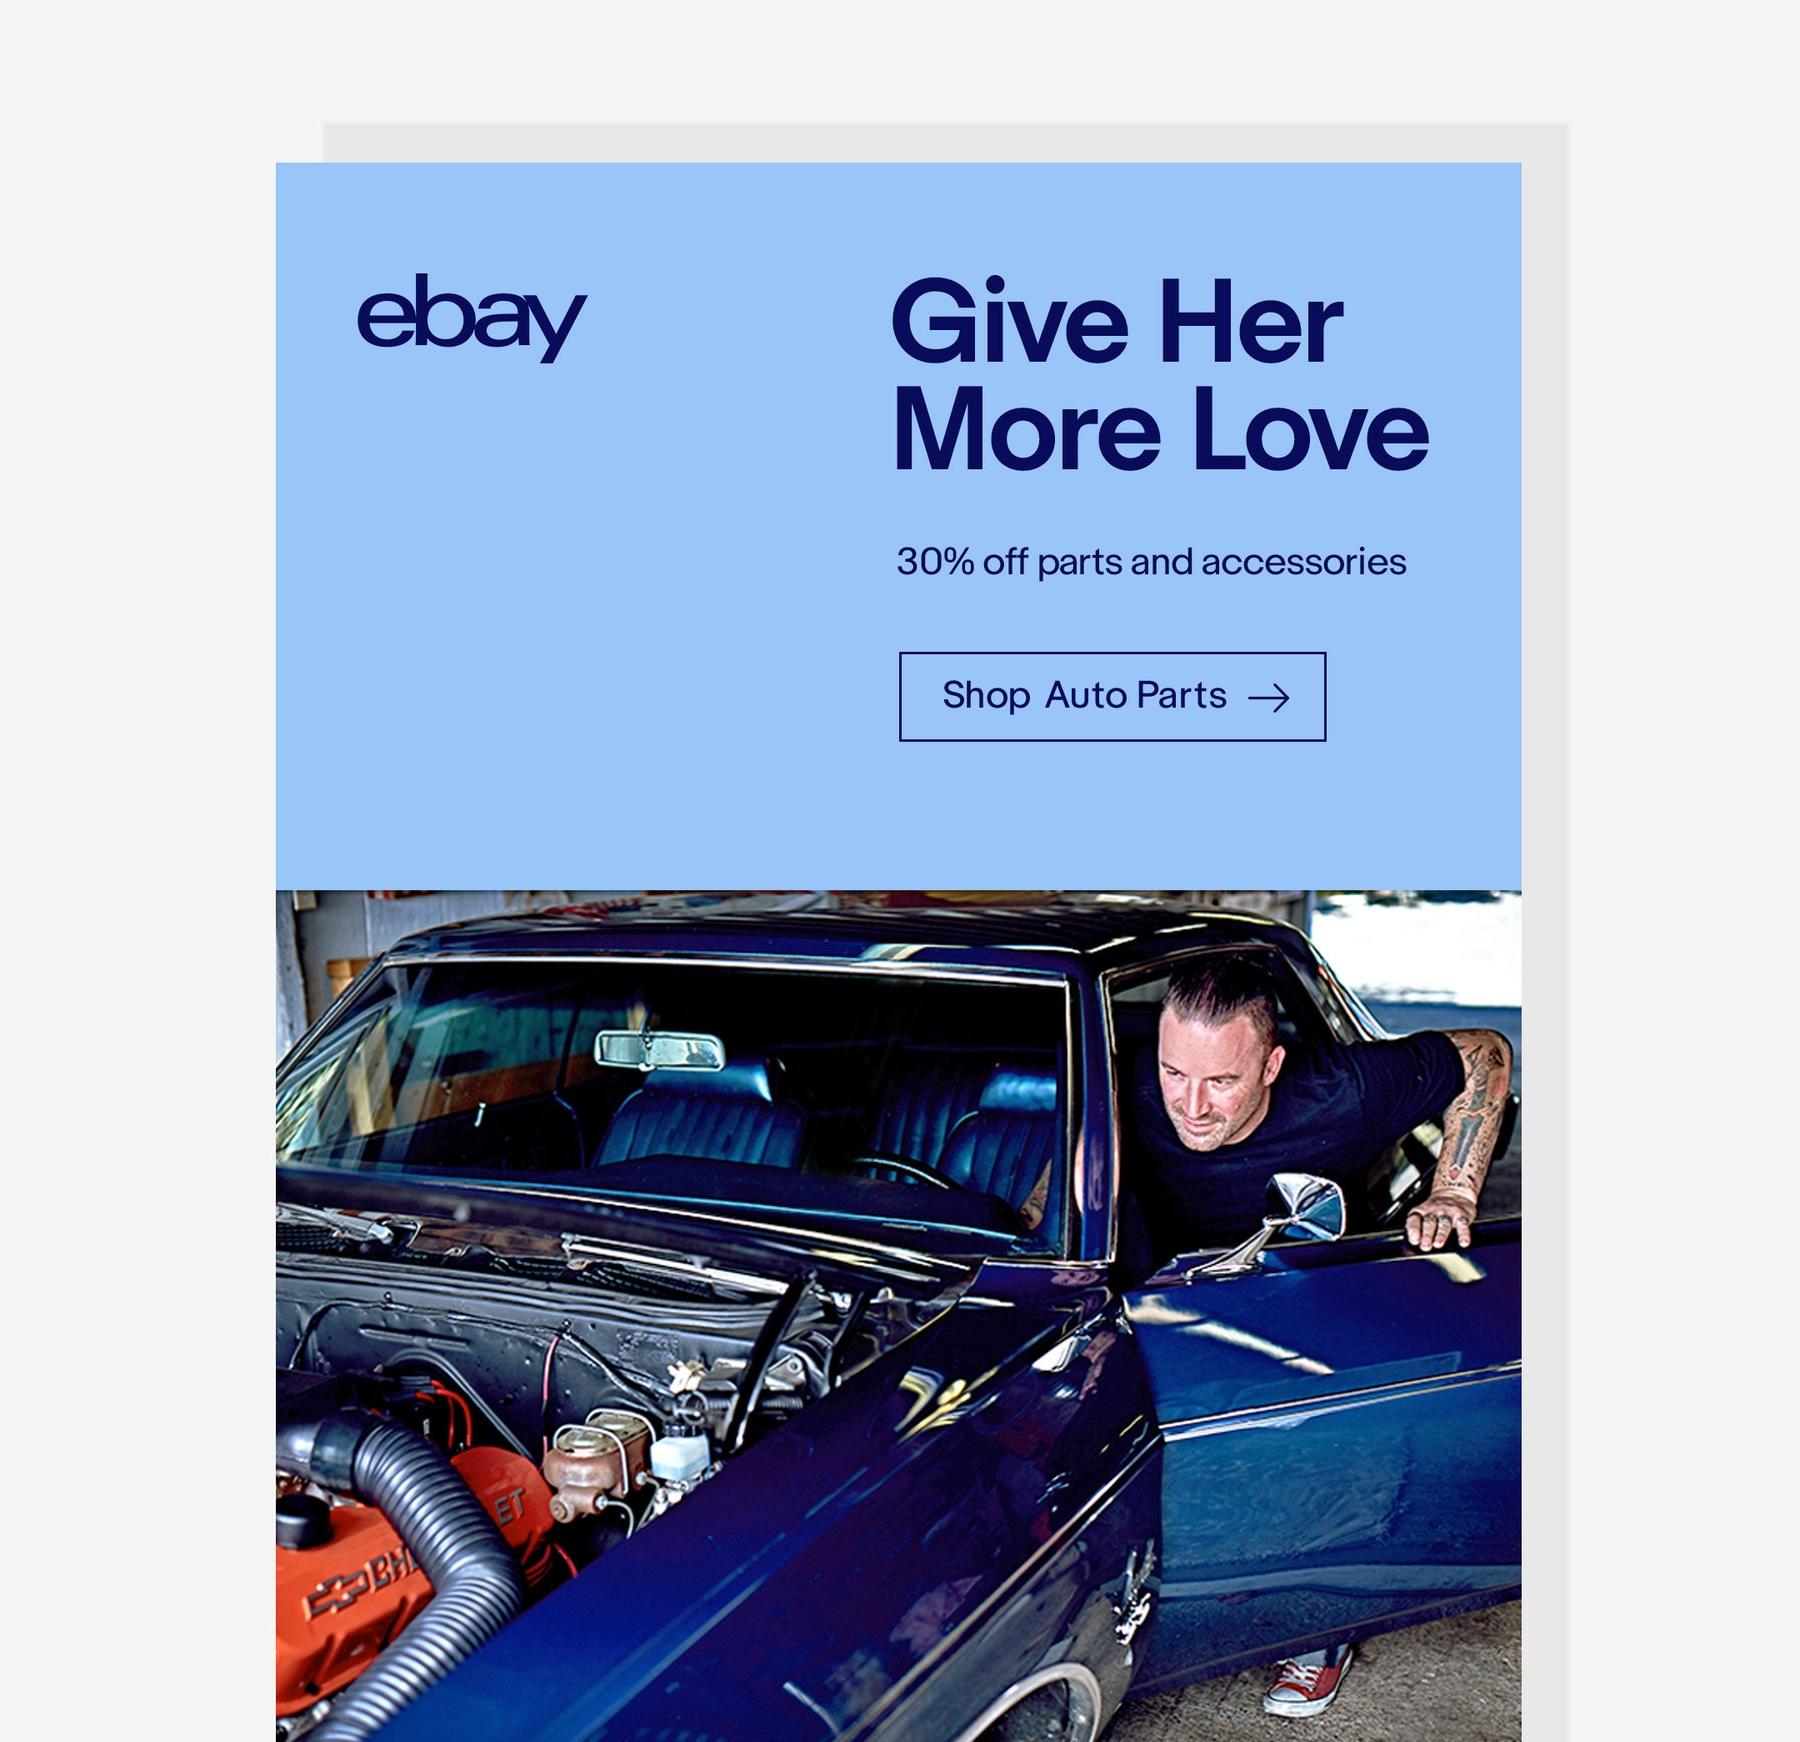 eBay-email-01.jpg